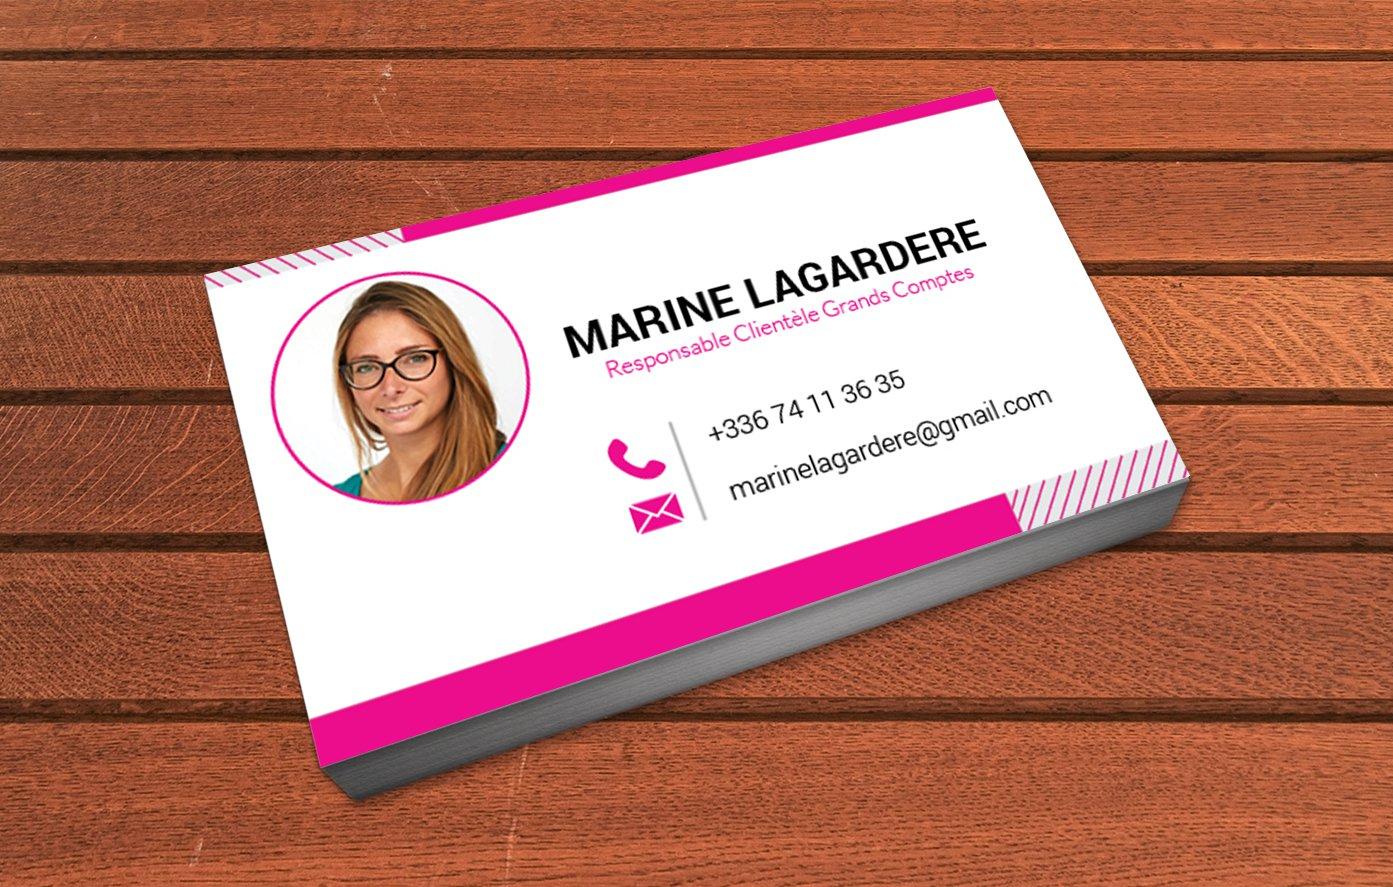 carte-de-visite-mycvfactory-la-communicative-2_KOie9Bb.jpg